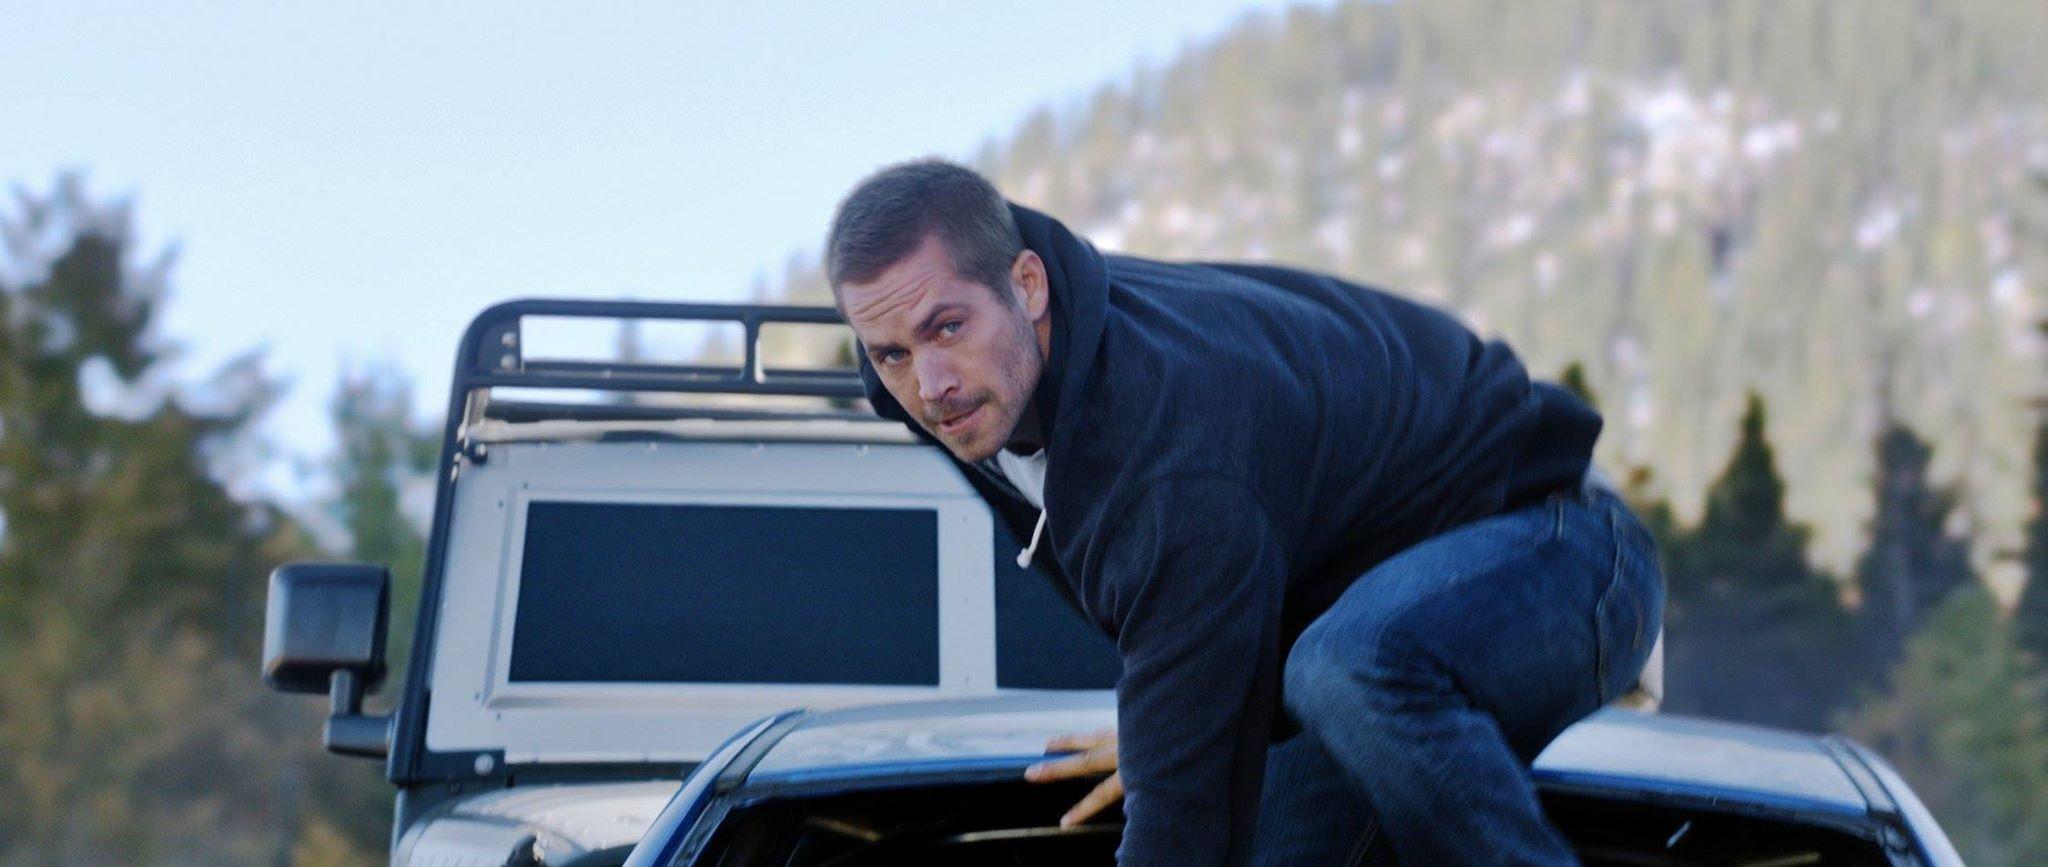 Secretul incasarilor uriase obtinute de Furious 7. Ultima cursa a lui Paul Walker a umplut salile de cinema